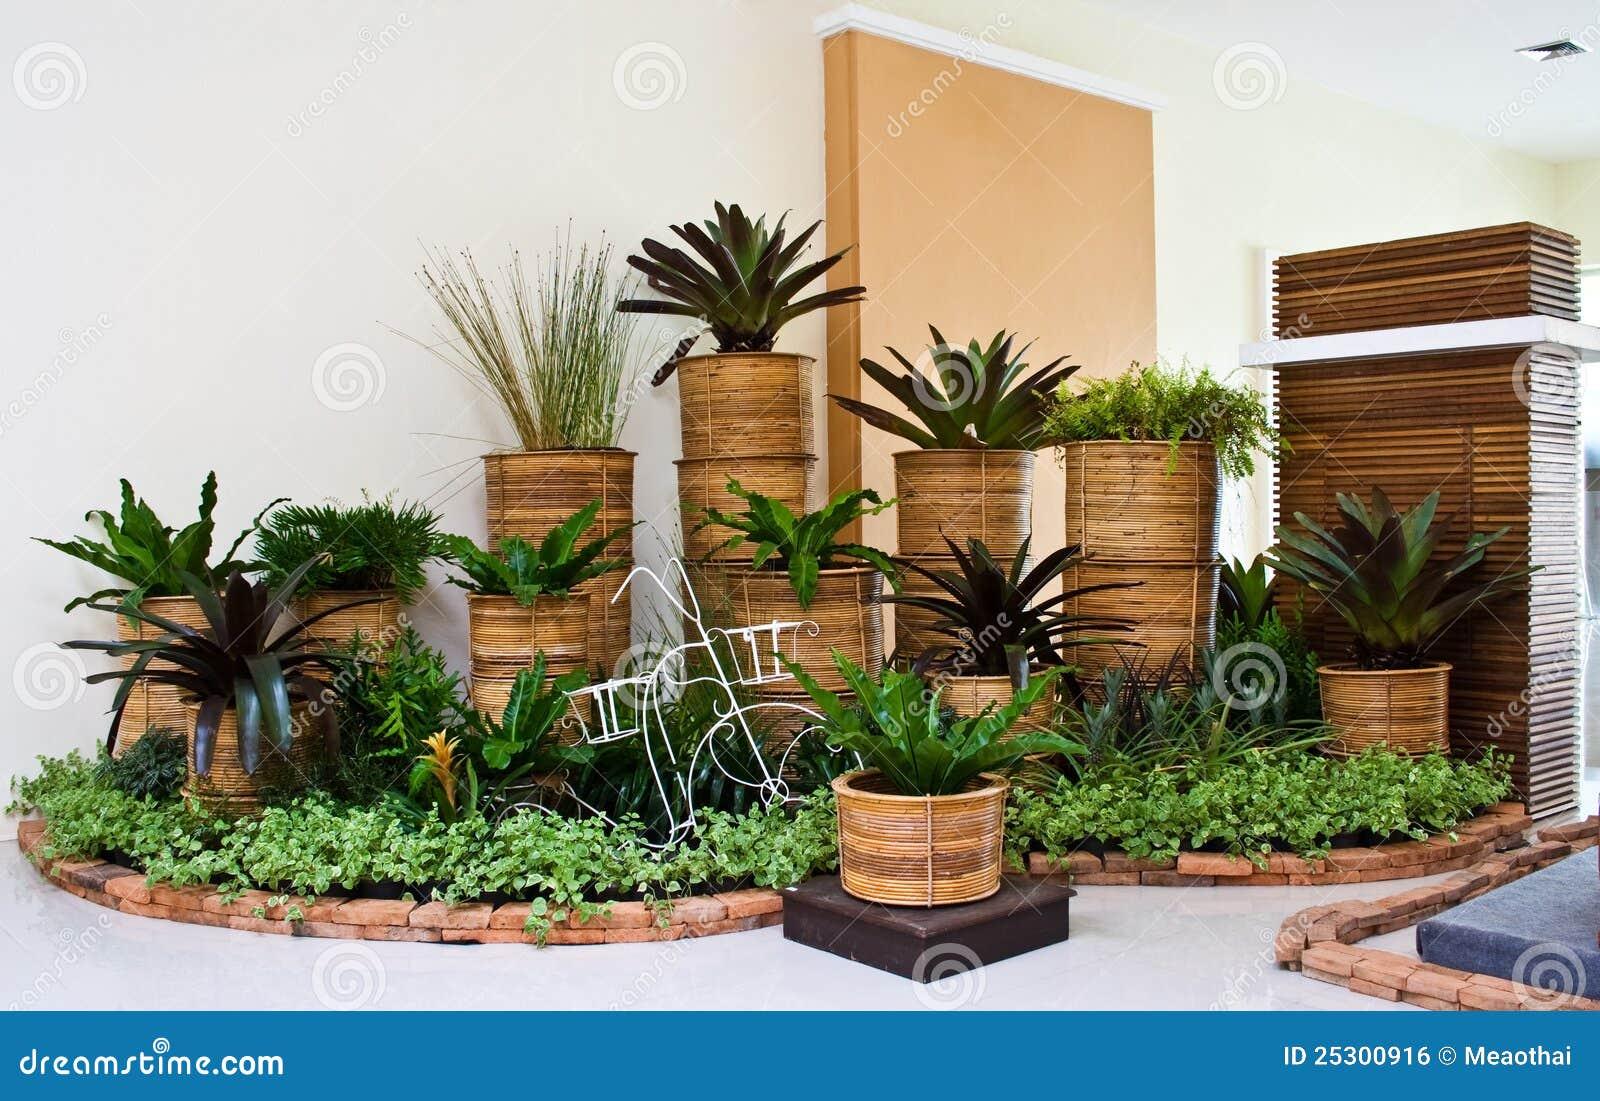 Imagem de Stock Royalty Free Jardim interno para a decoração do